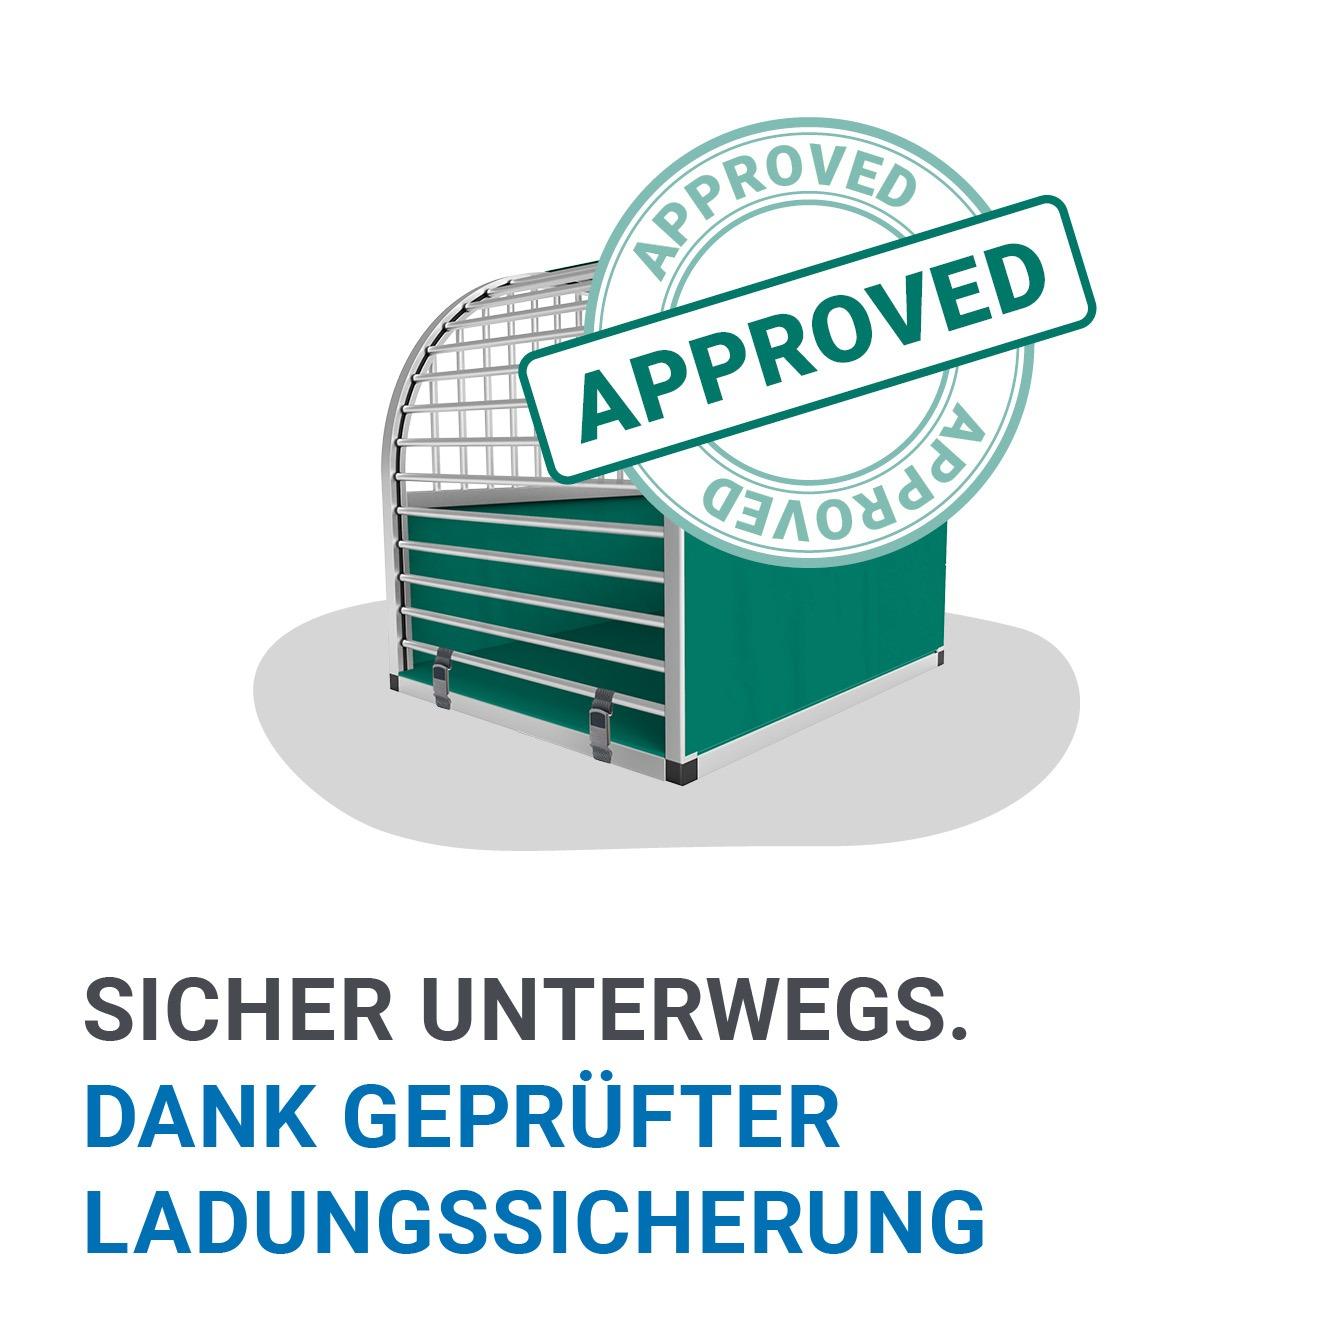 unic Vorteil 8 - Die Alu Hundeboxen sind zur Ladungssicherung zertifiziert